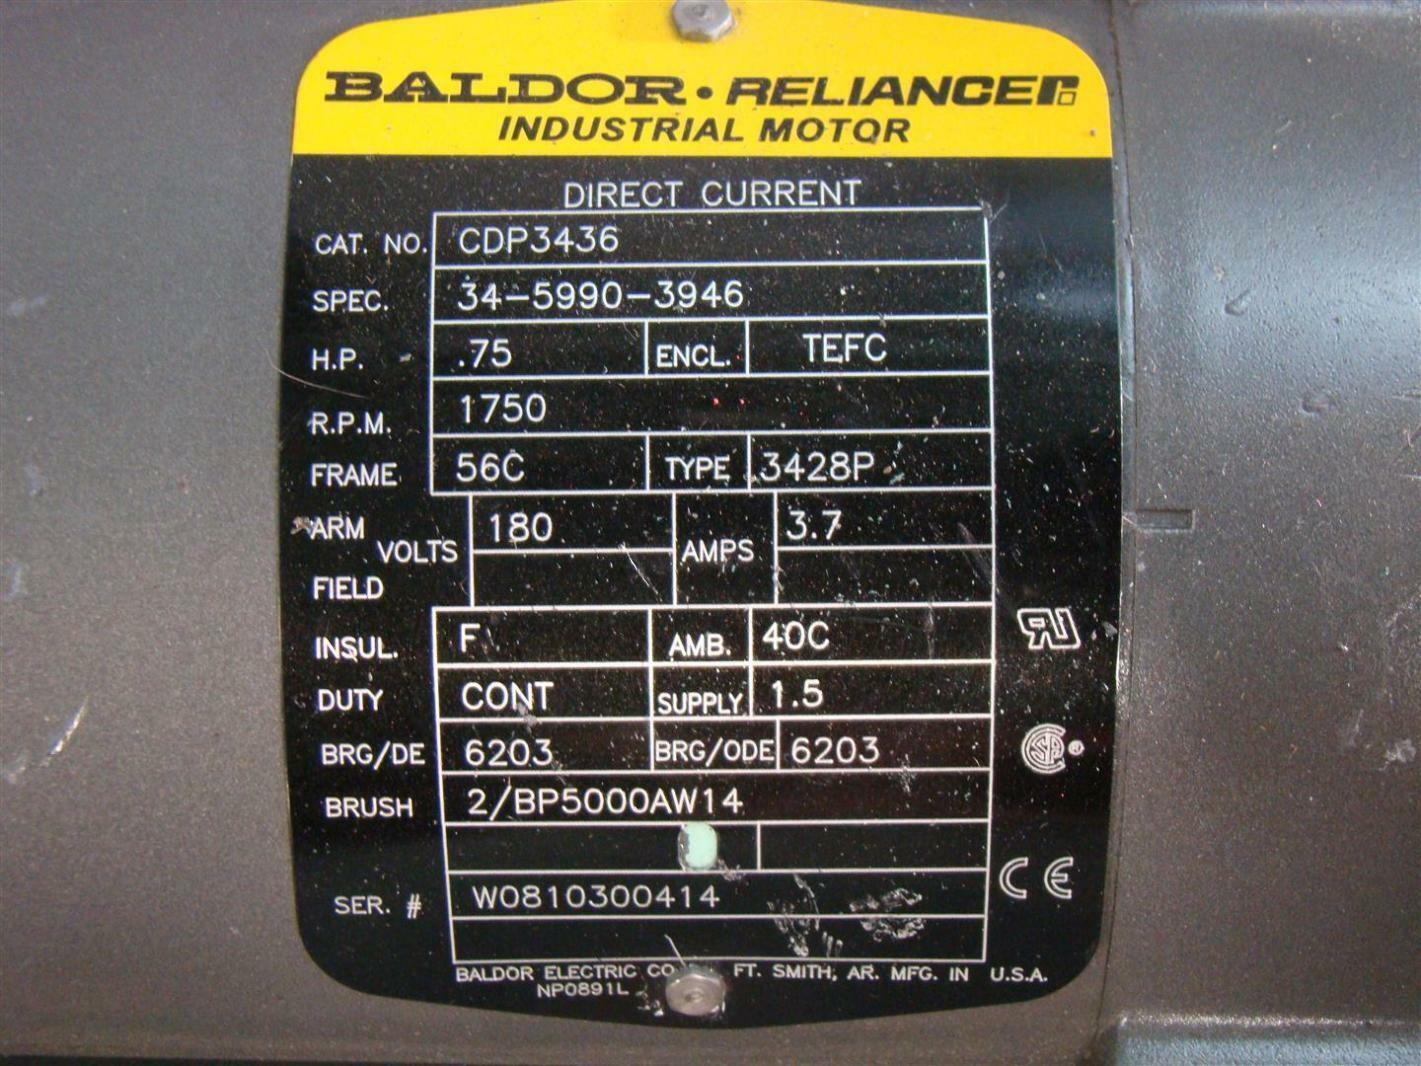 q meter circuit diagram baldor reliancer dc electric motor 75hp 1750rpm 180v  baldor reliancer dc electric motor 75hp 1750rpm 180v